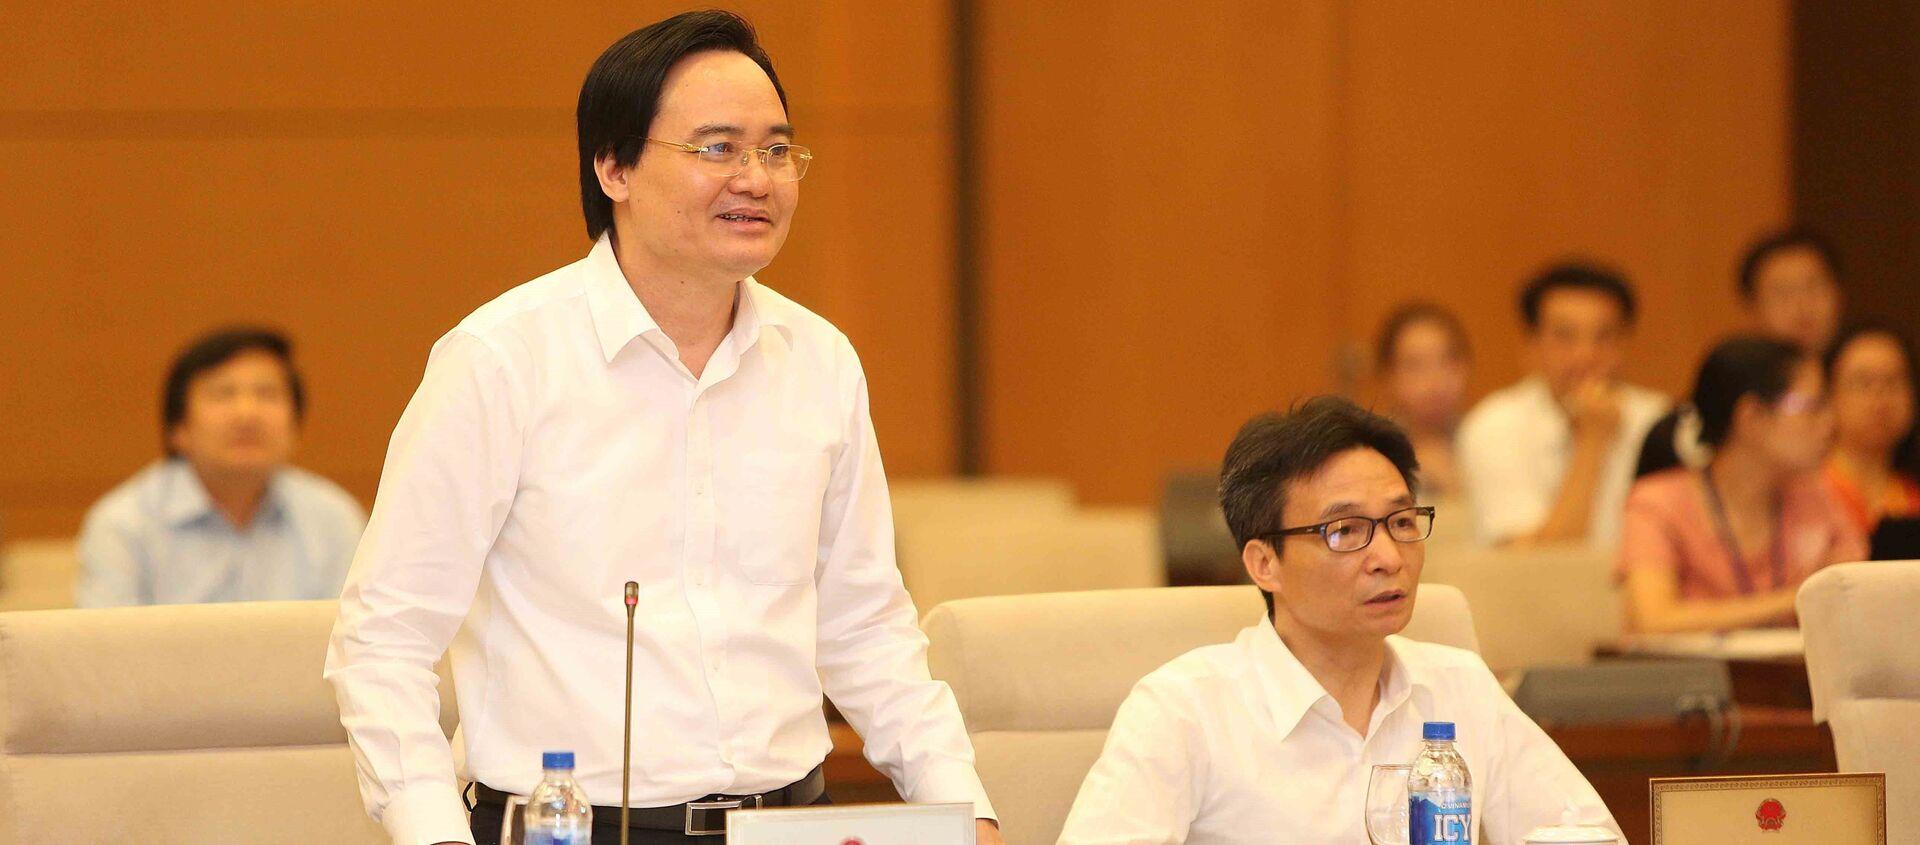 Bộ trưởng Bộ Giáo dục và Đào tạo Phùng Xuân Nhạ phát biểu tiếp thu ý kiến. - Sputnik Việt Nam, 1920, 08.08.2018